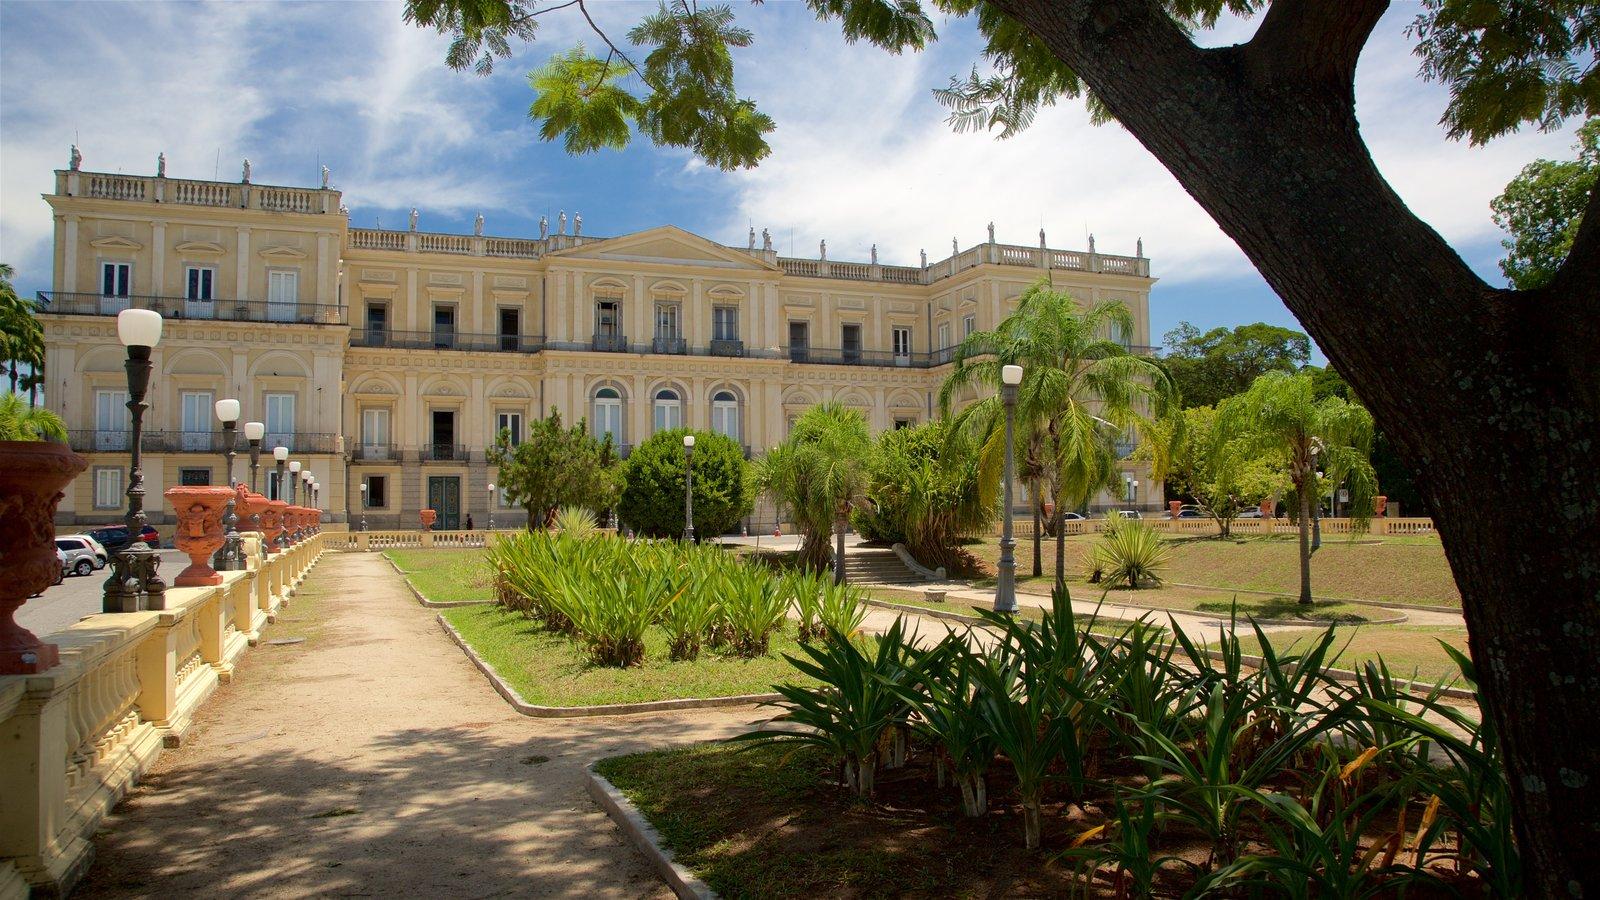 Quinta da Boa Vista mostrando um jardim e arquitetura de patrimônio